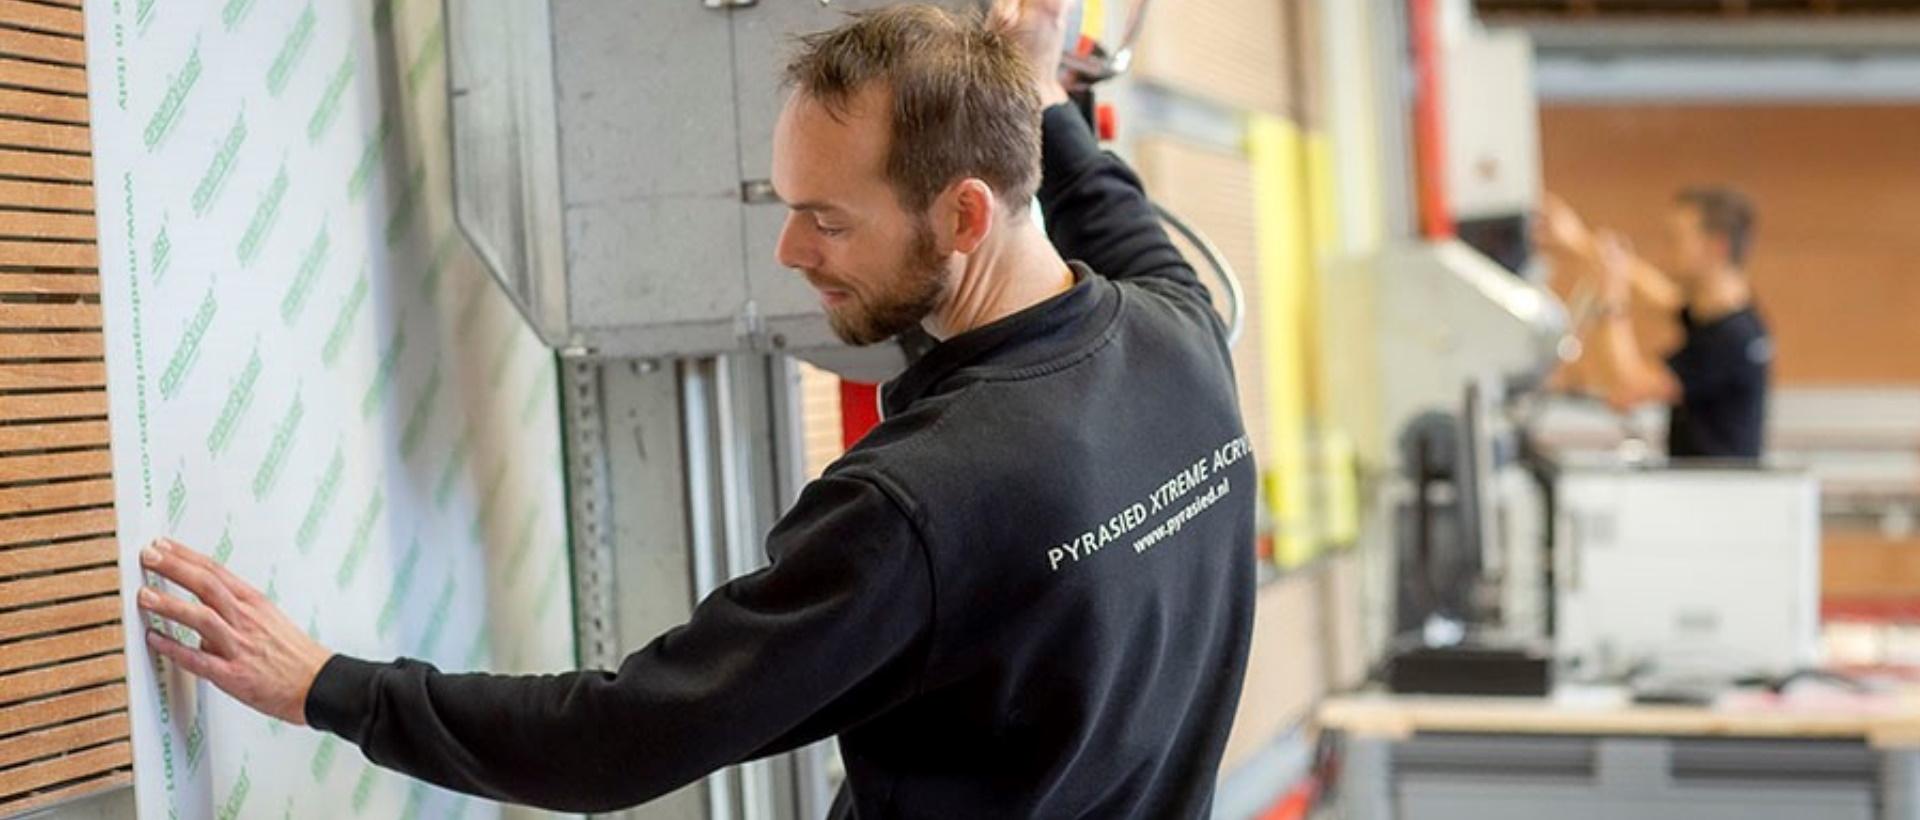 De samenwerking tussen Brandmerck en PyraSied